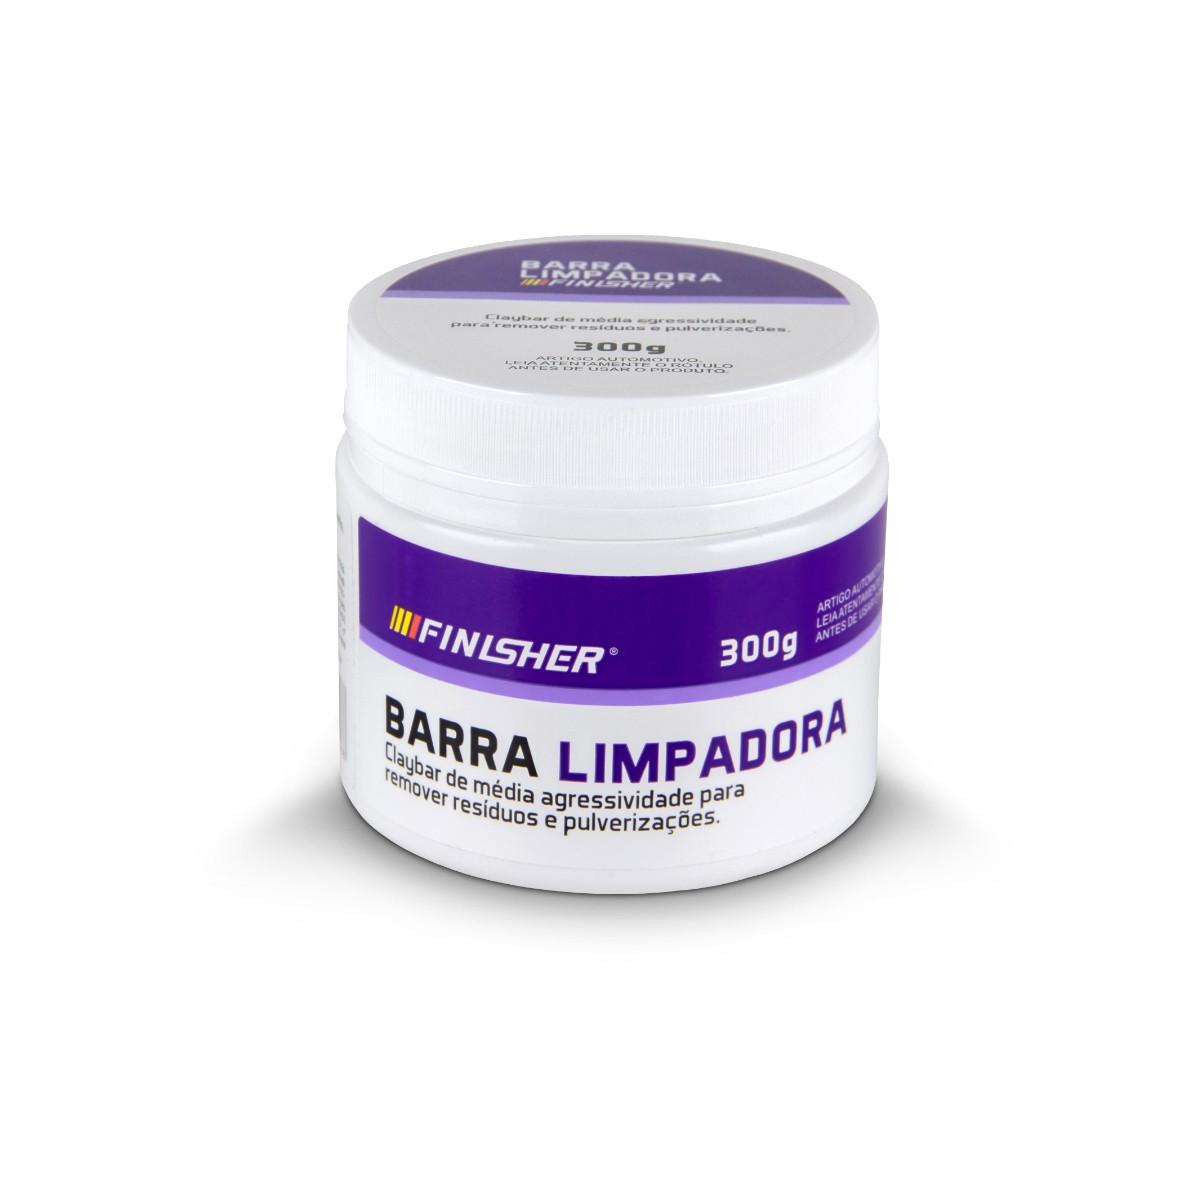 Barra Limpadora (Clay Bar) 300g - Finisher